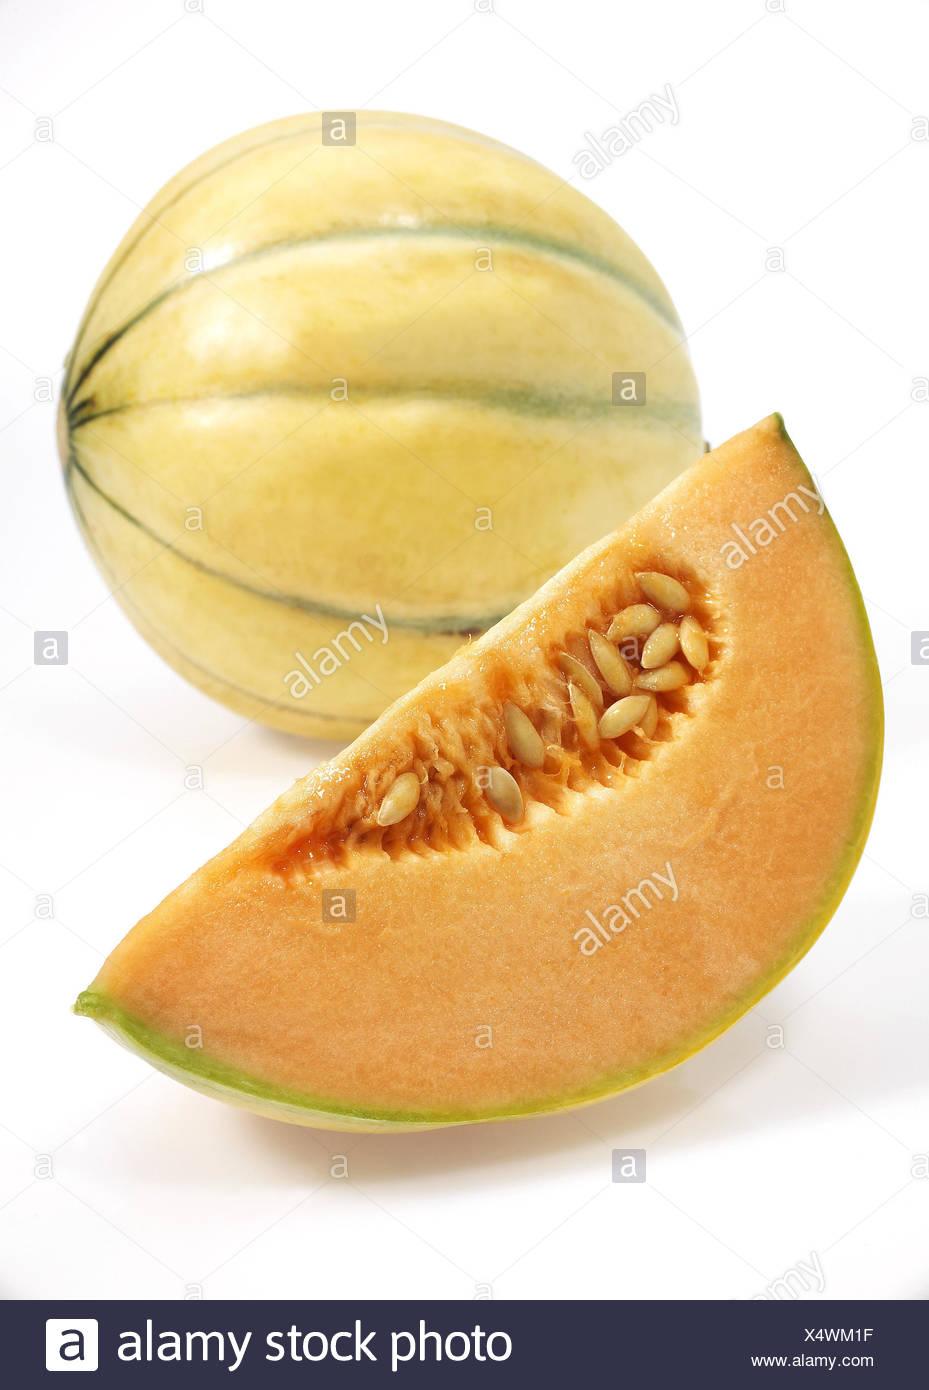 Canarie giallo melone, anche giallo melone Honeydew, Amarillo, Tendral Amarillo, zucchero melone, Cucumis melo, sfondo bianco Immagini Stock